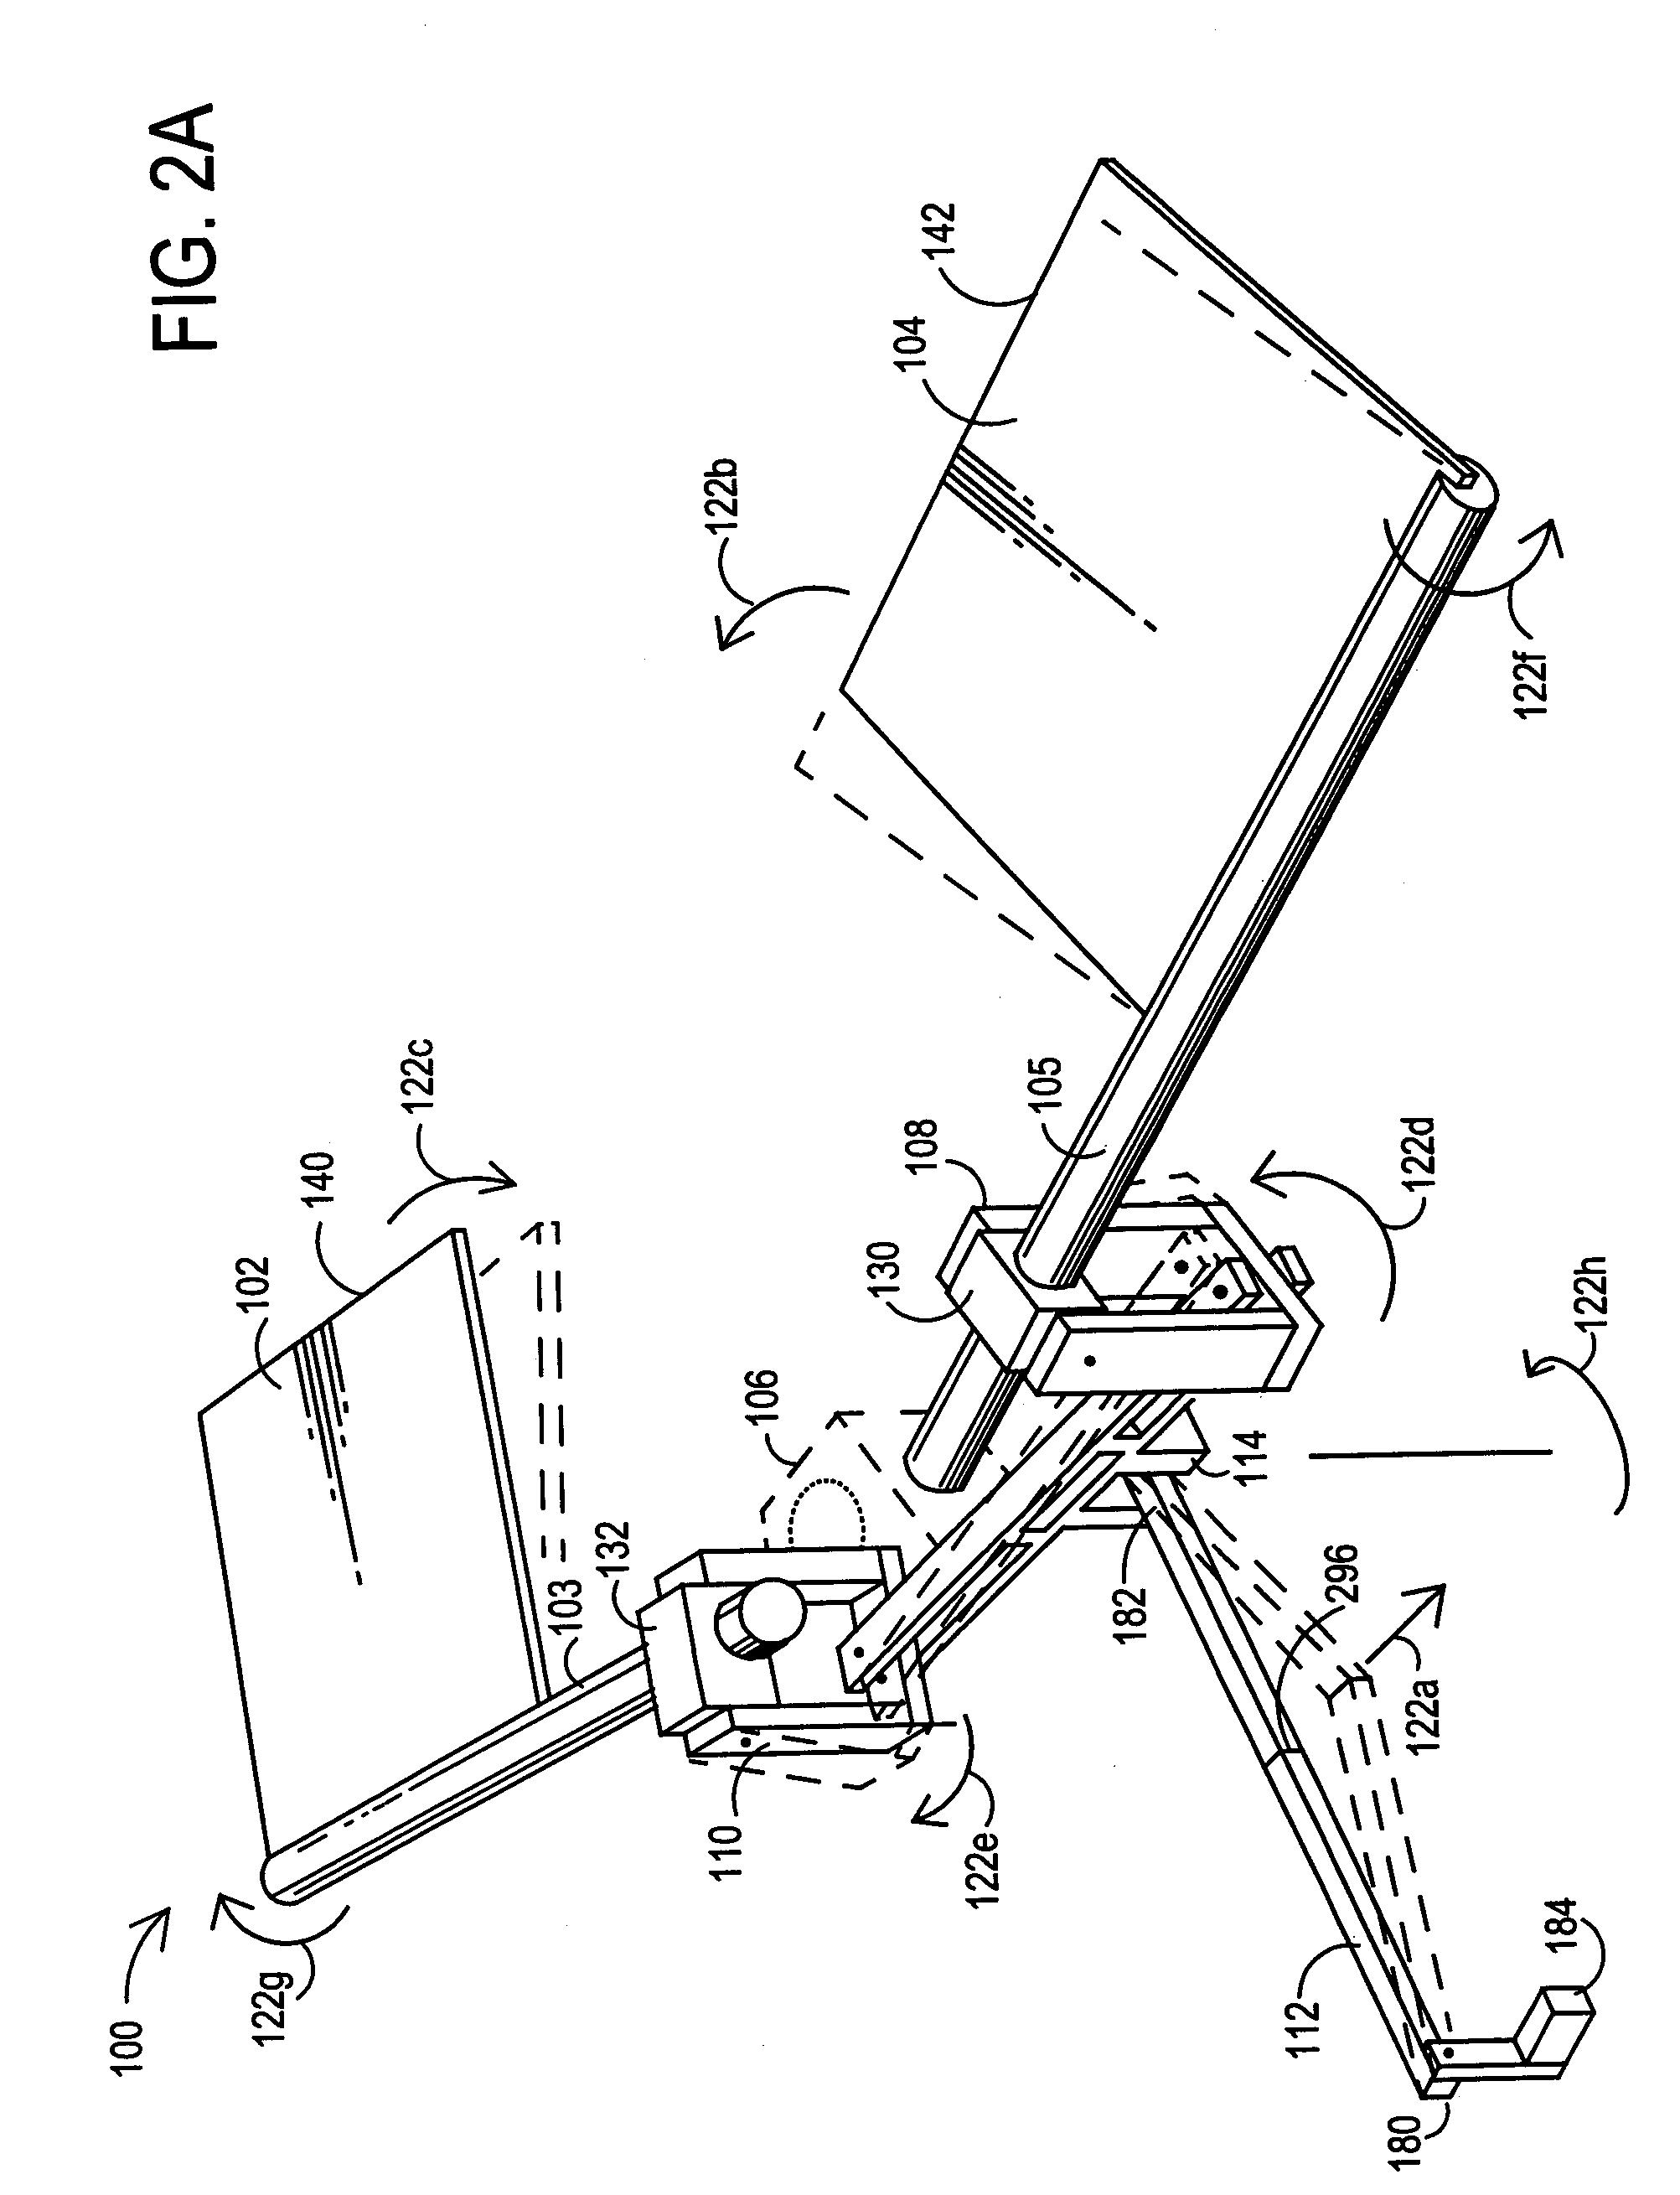 patent us7331548